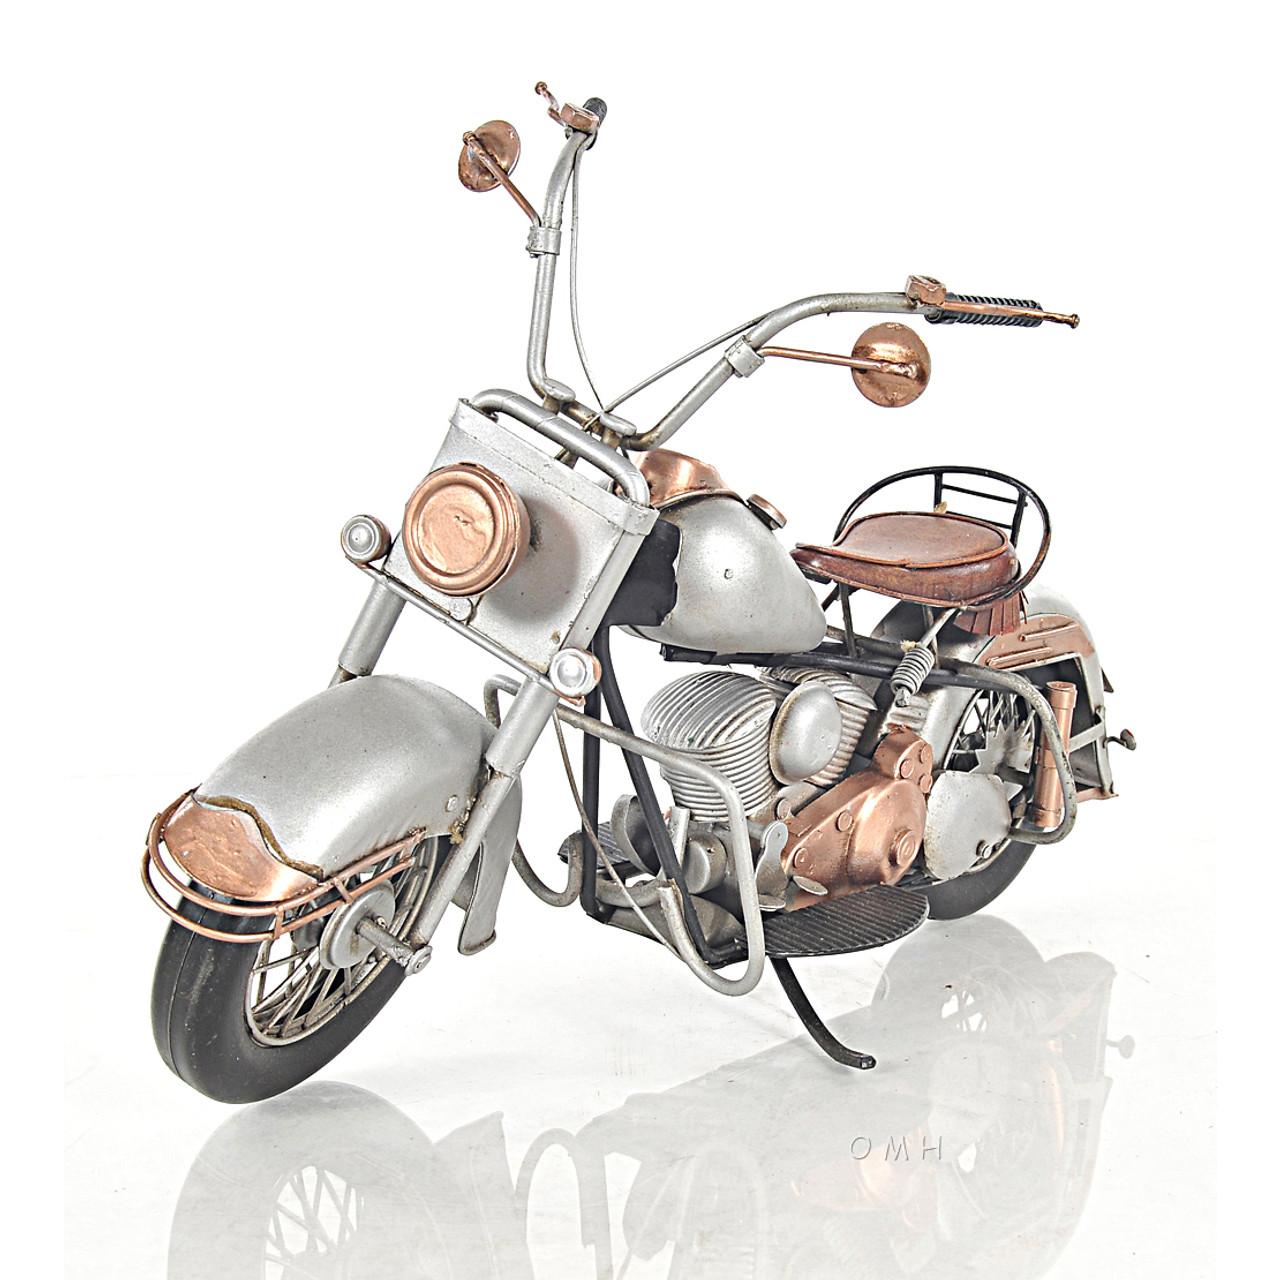 1957 Harley Davidson Sportster Motorcycle Scale Metal Model